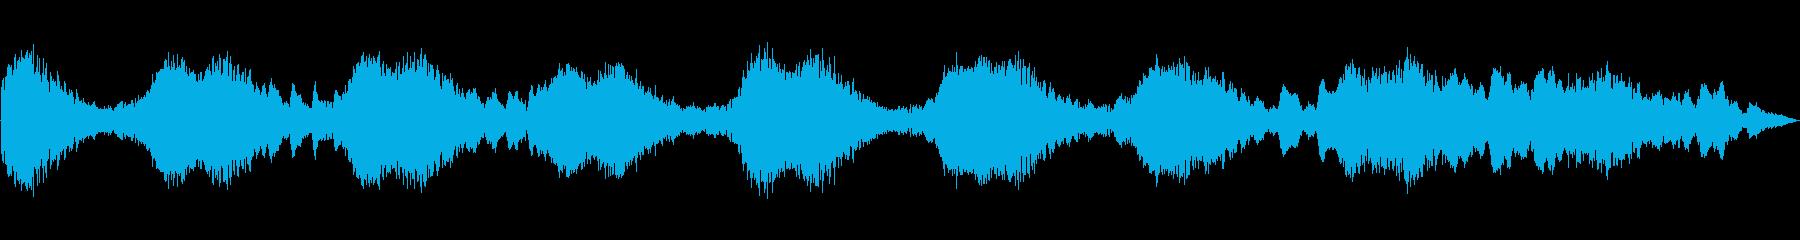 緊張感がありミステリアスな楽曲の再生済みの波形